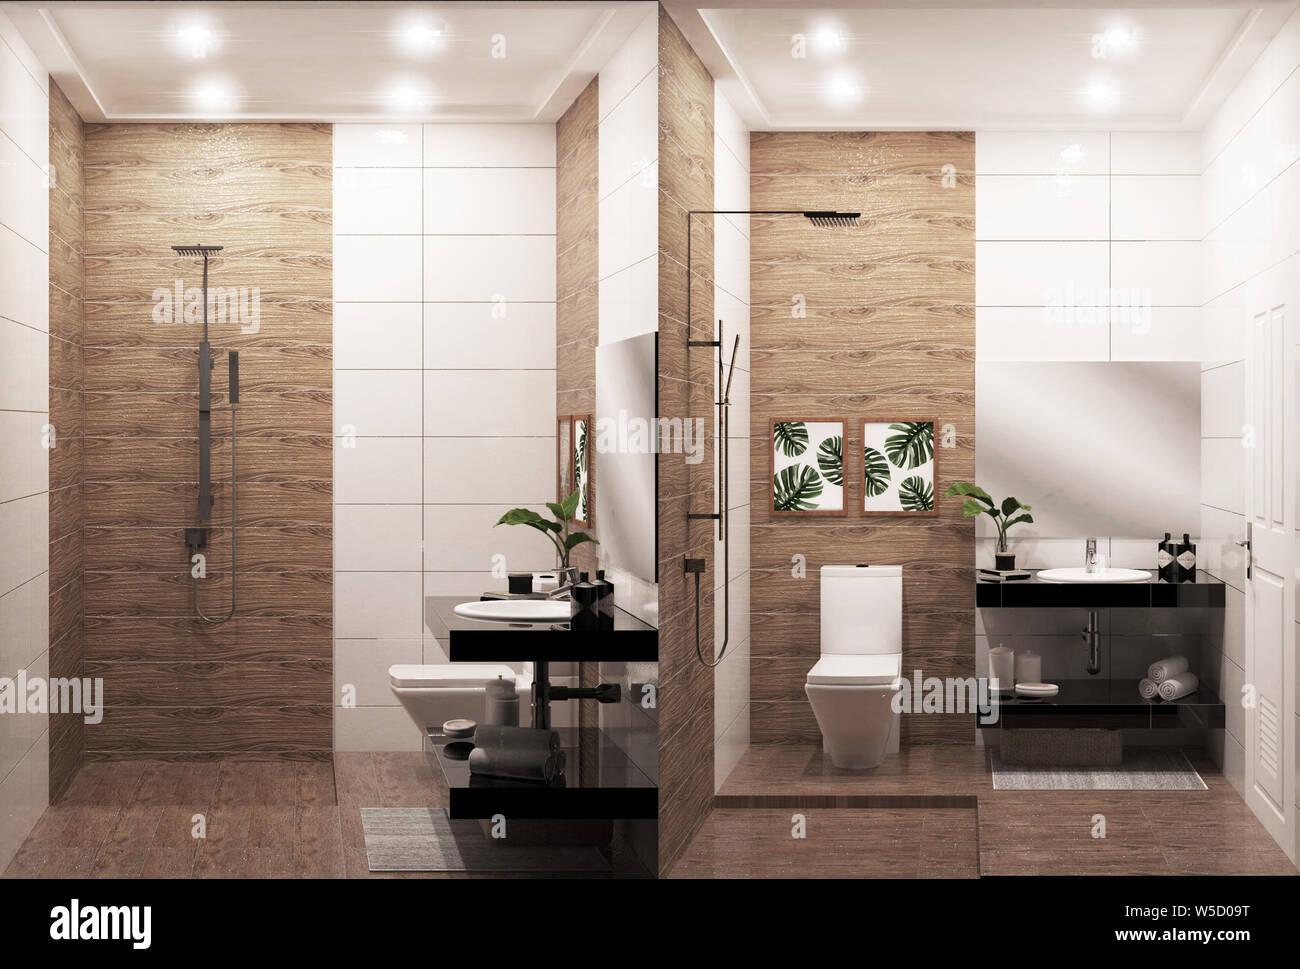 Zen Design Bathroom Wooden Wall And Floor Japanese Style 3d Rendering Stock Photo Alamy